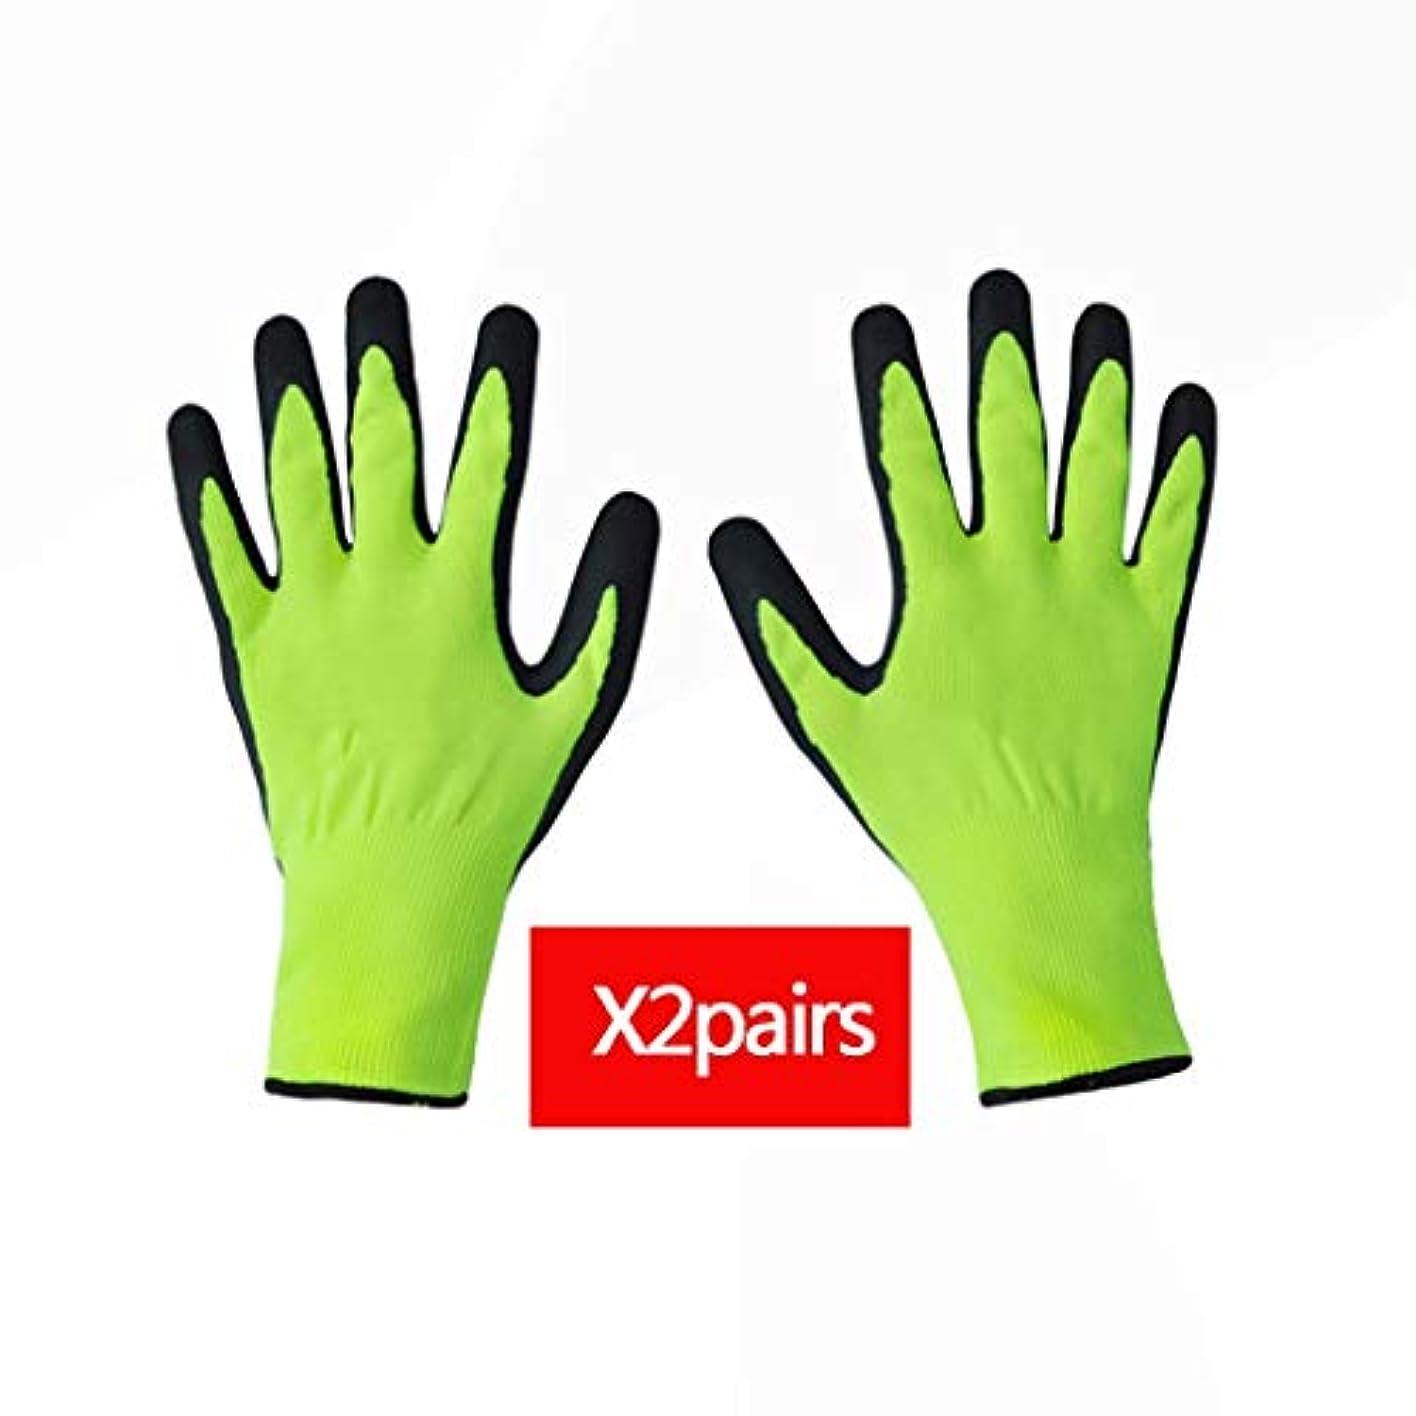 確実素晴らしいです多様なLIUXIN ラバーコート手袋浸した工業用労働保護手袋通気性1袋2ペアマルチサイズオプション ゴム手袋 (Size : M)